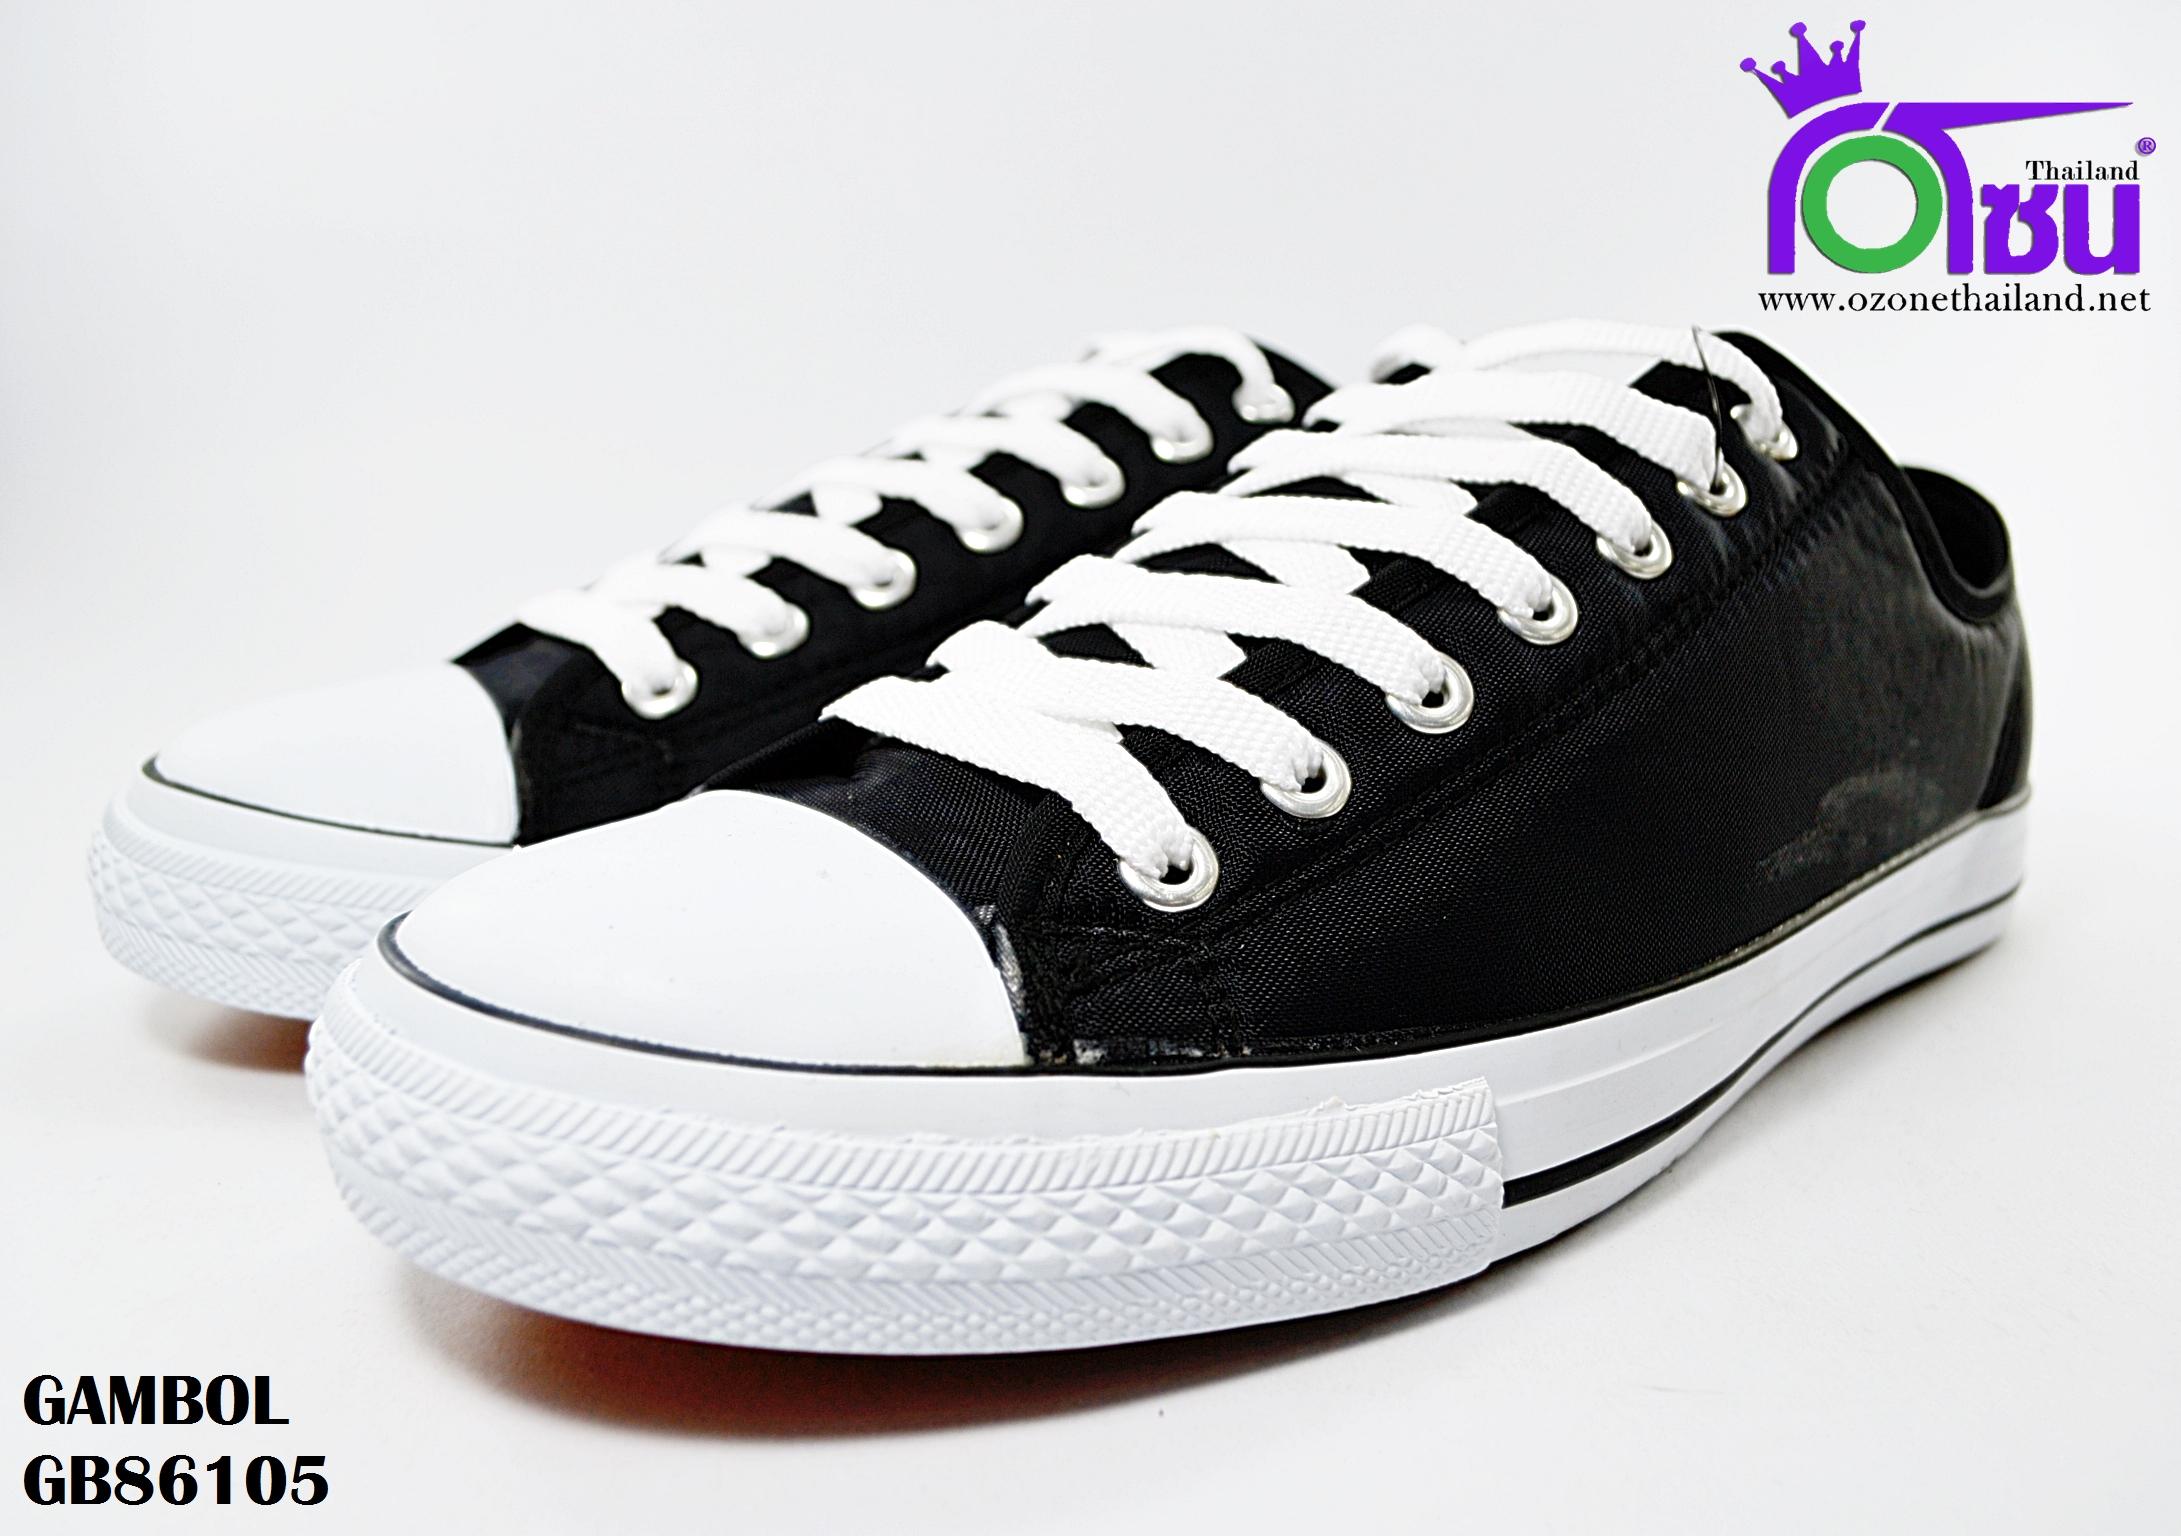 รองเท้าผ้าใบ GAMBOL แกมโบล BG86105 สี ดำ